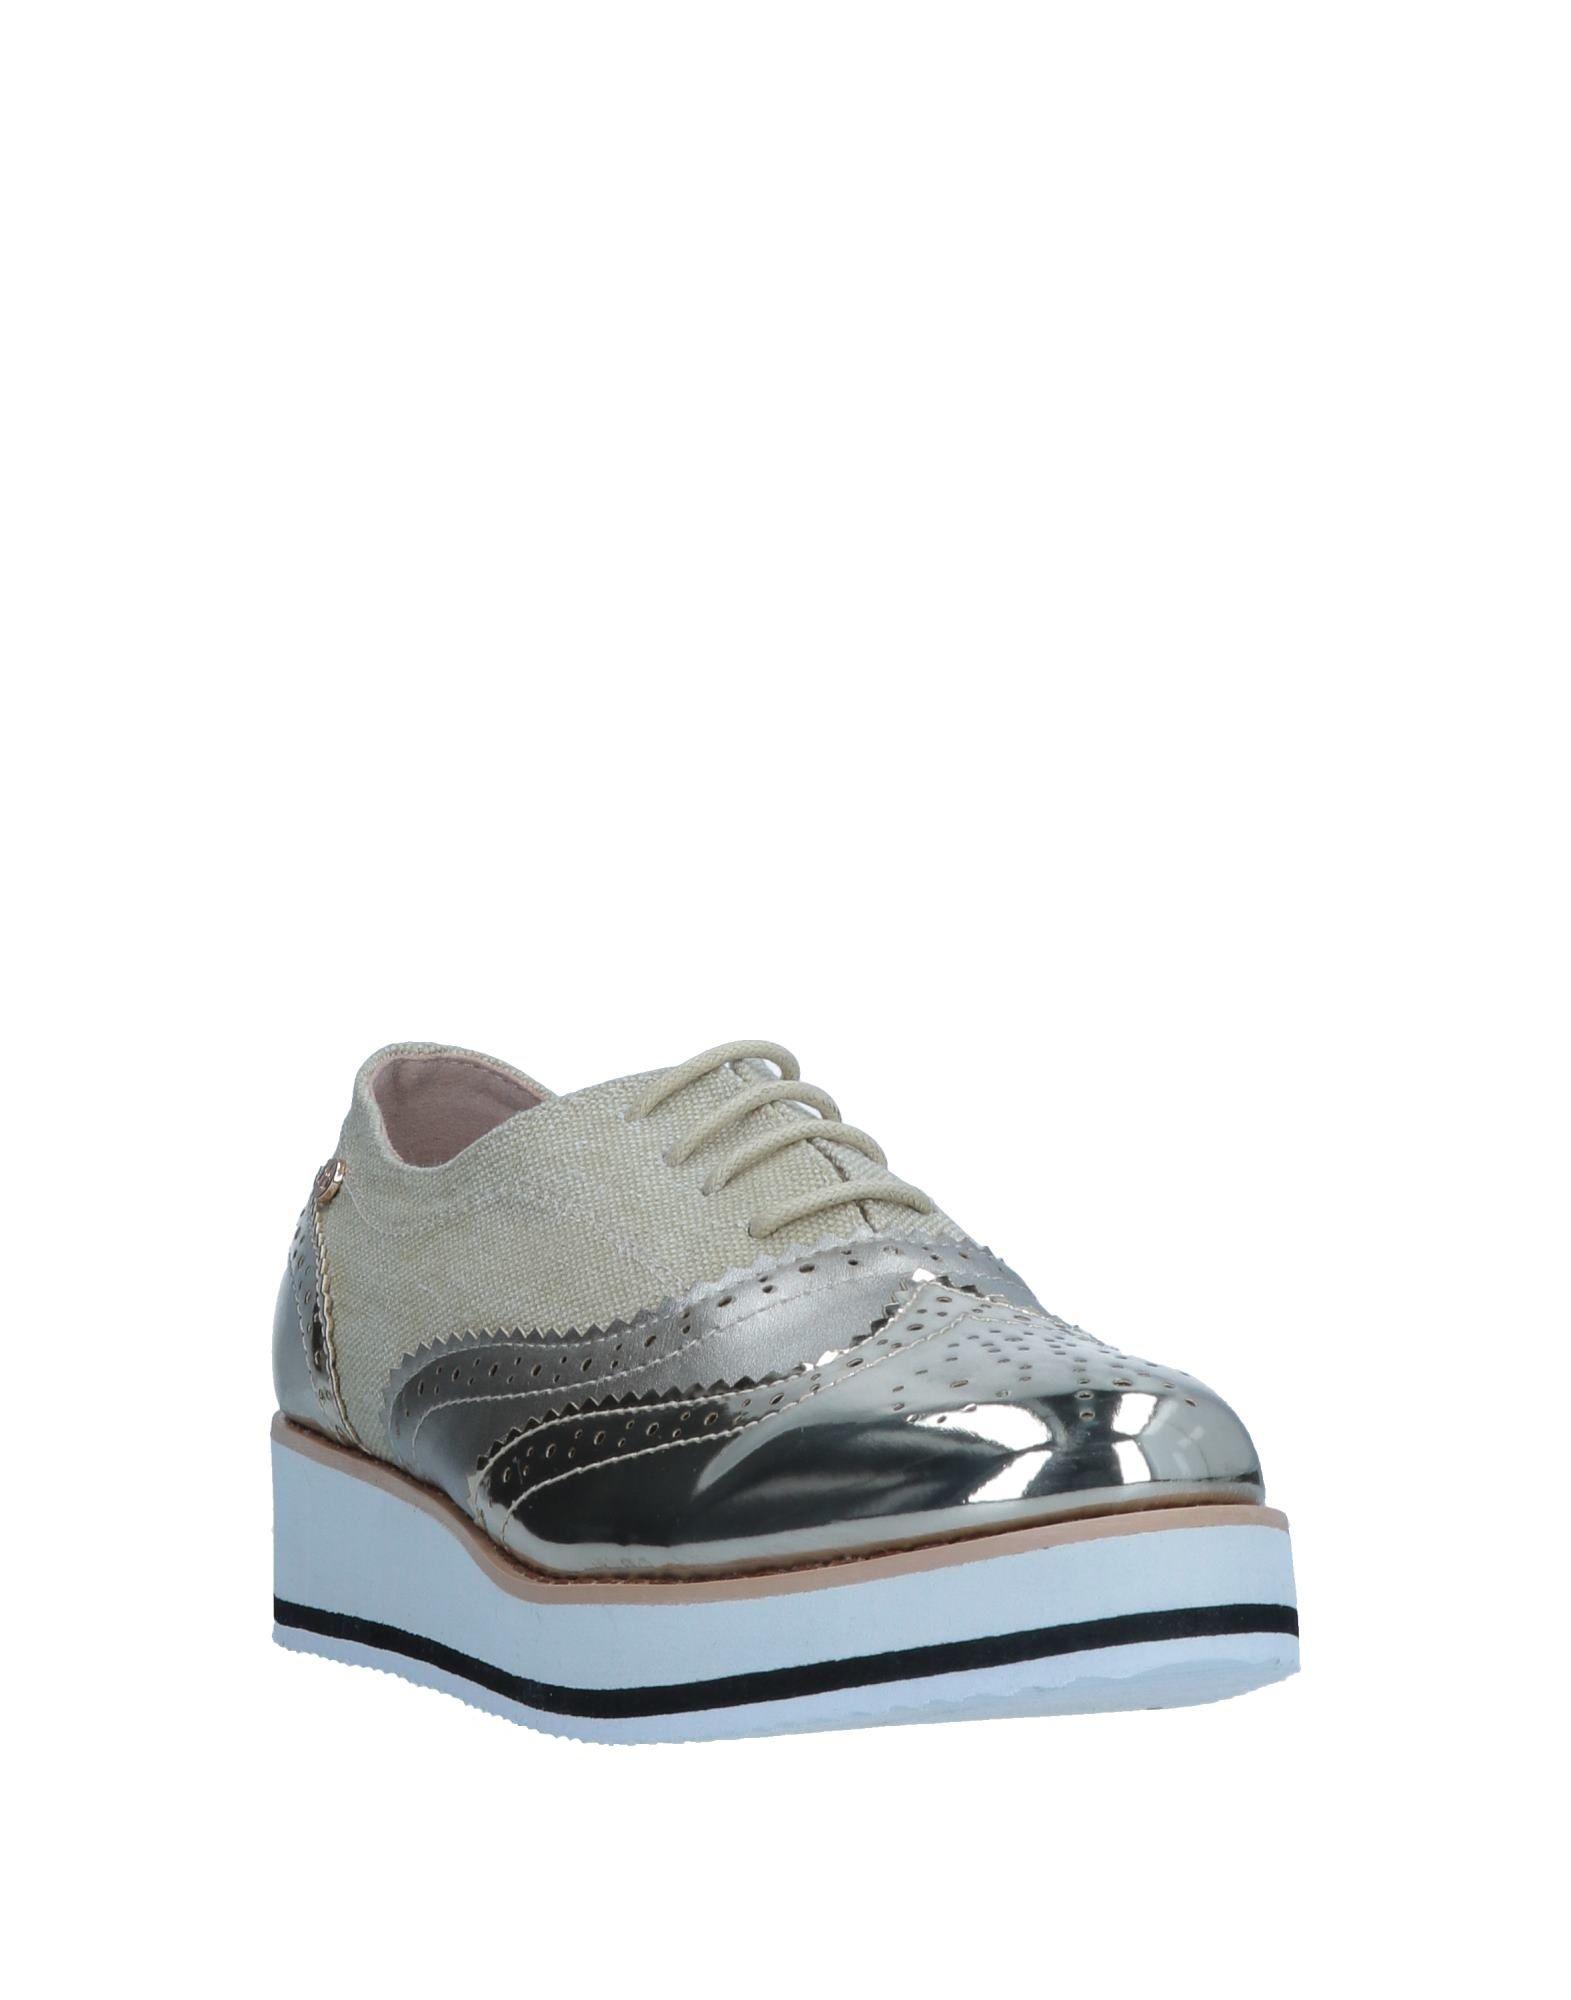 Roccobarocco Schnürschuhe Damen  11544659IX Gute Qualität beliebte Schuhe